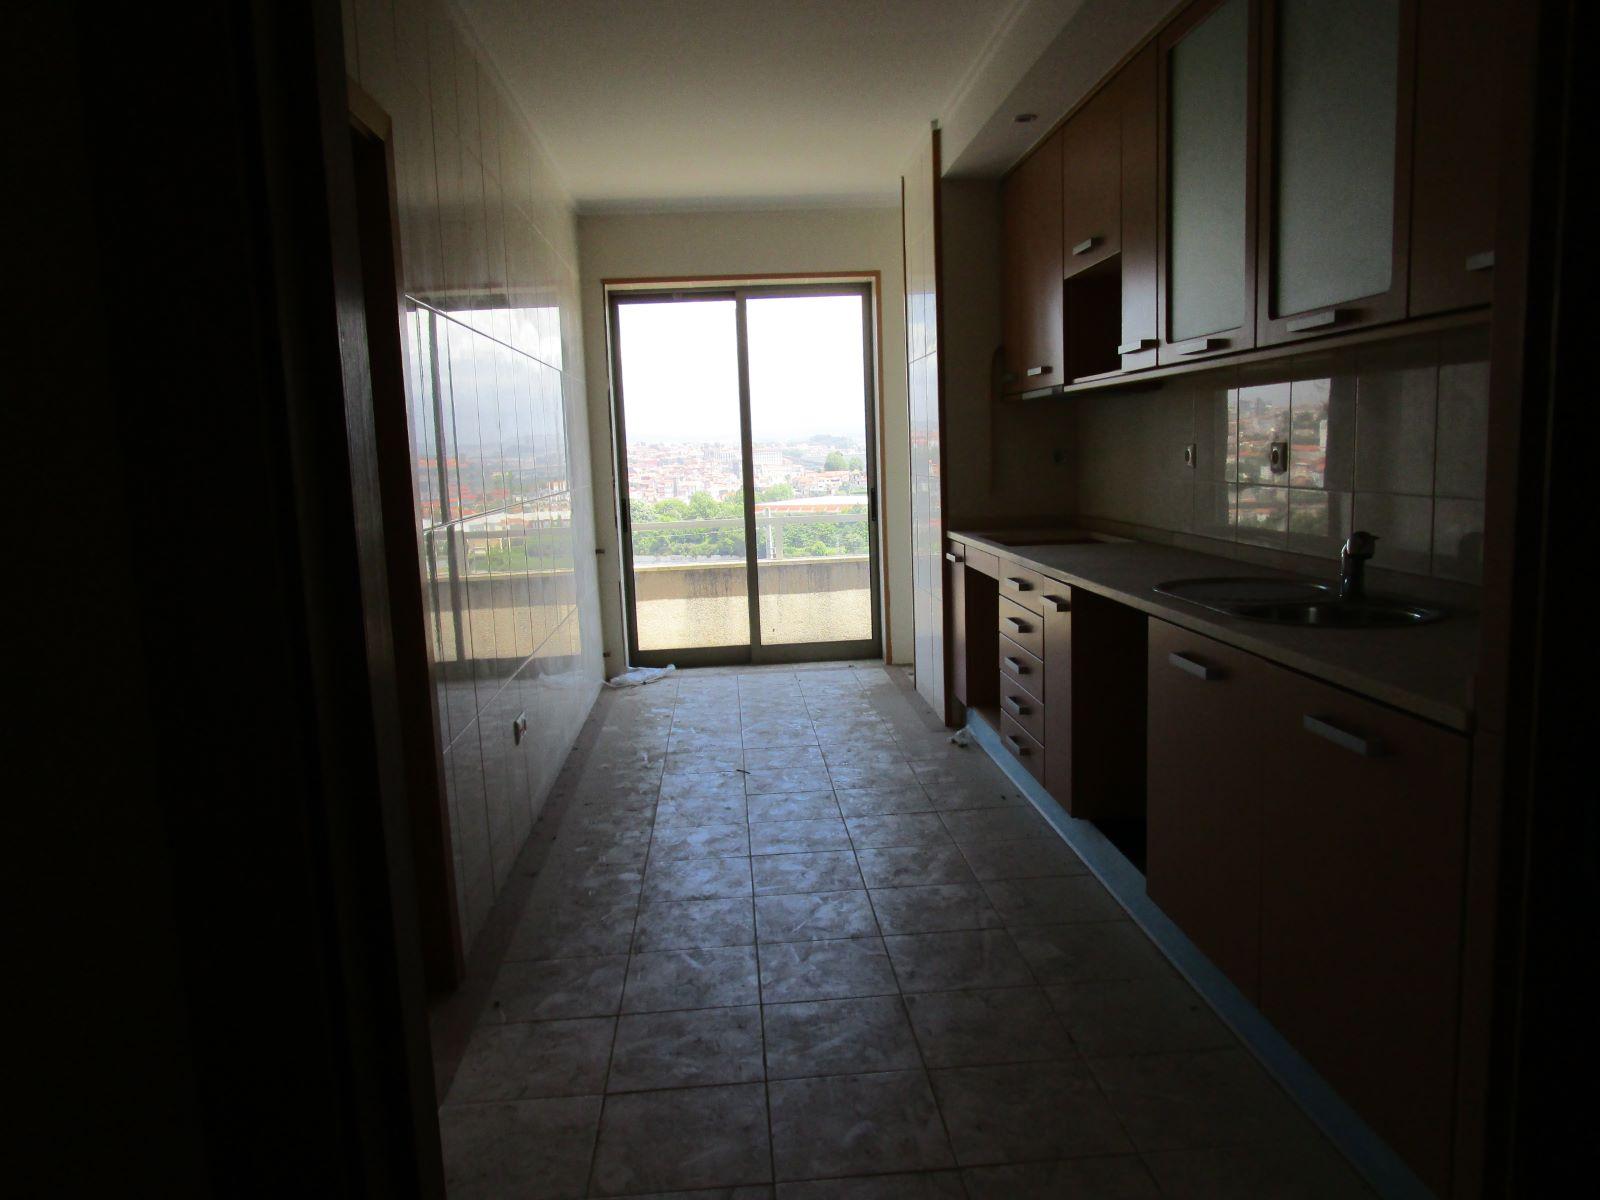 Appartement Porto Cedofeita, Santo Ildefonso, Sé, Miragaia, São Nicolau e Vitória - Portugal